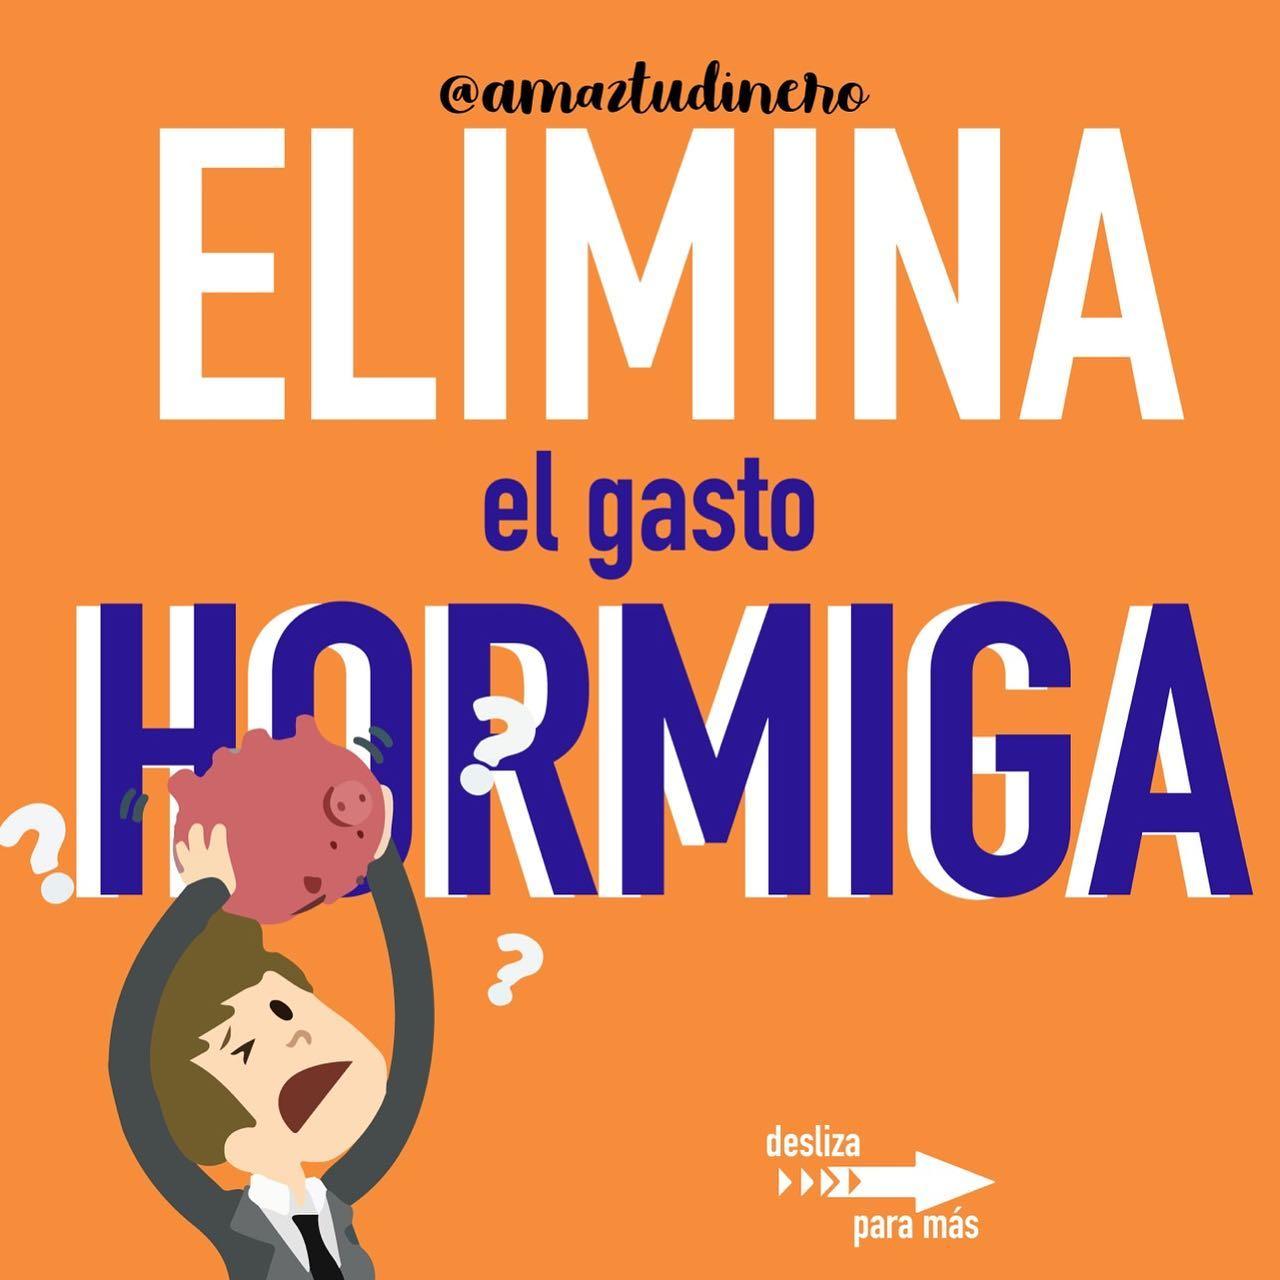 Gastos-Hormiga-1